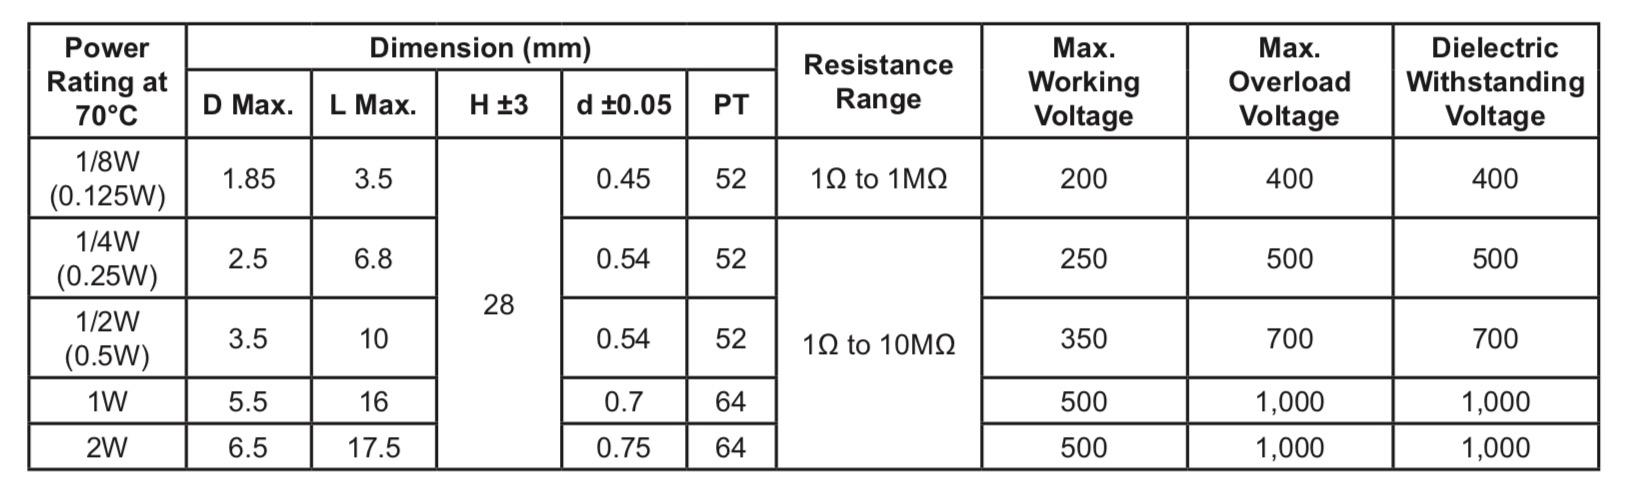 Un projet de compteur geiger à transistors - Page 2 Captu492